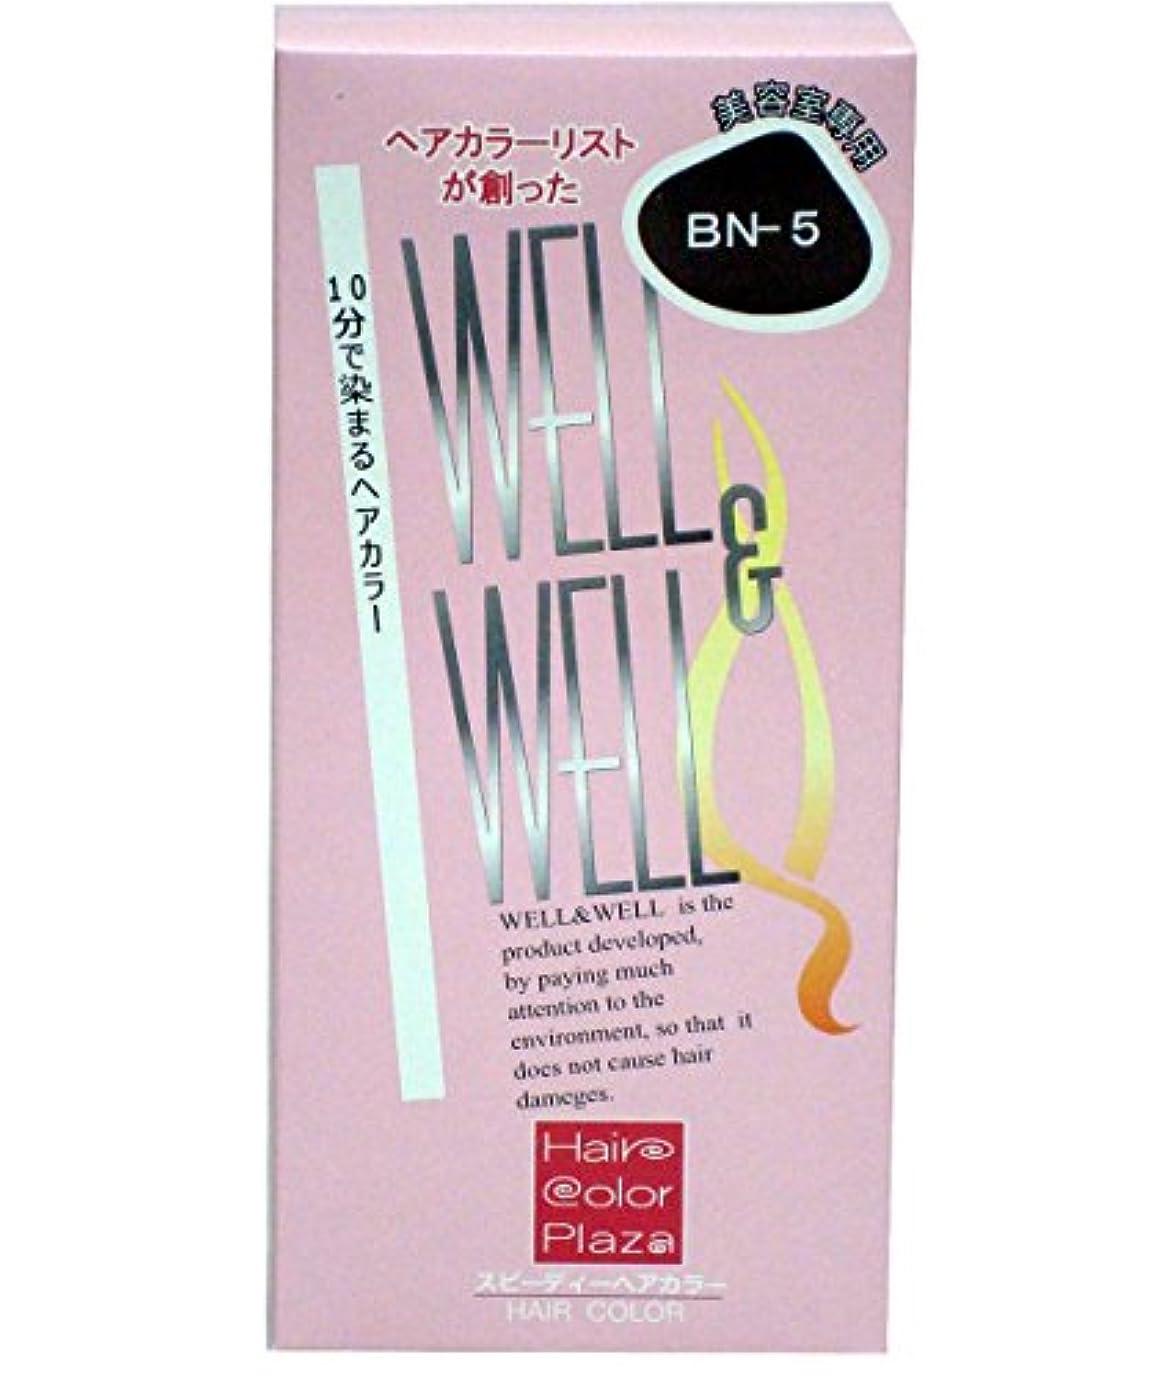 腐食するパートナー容量【美容室専用】 ウェル&ウェル スピーディヘアカラー ナチュラルブラウン BN-5